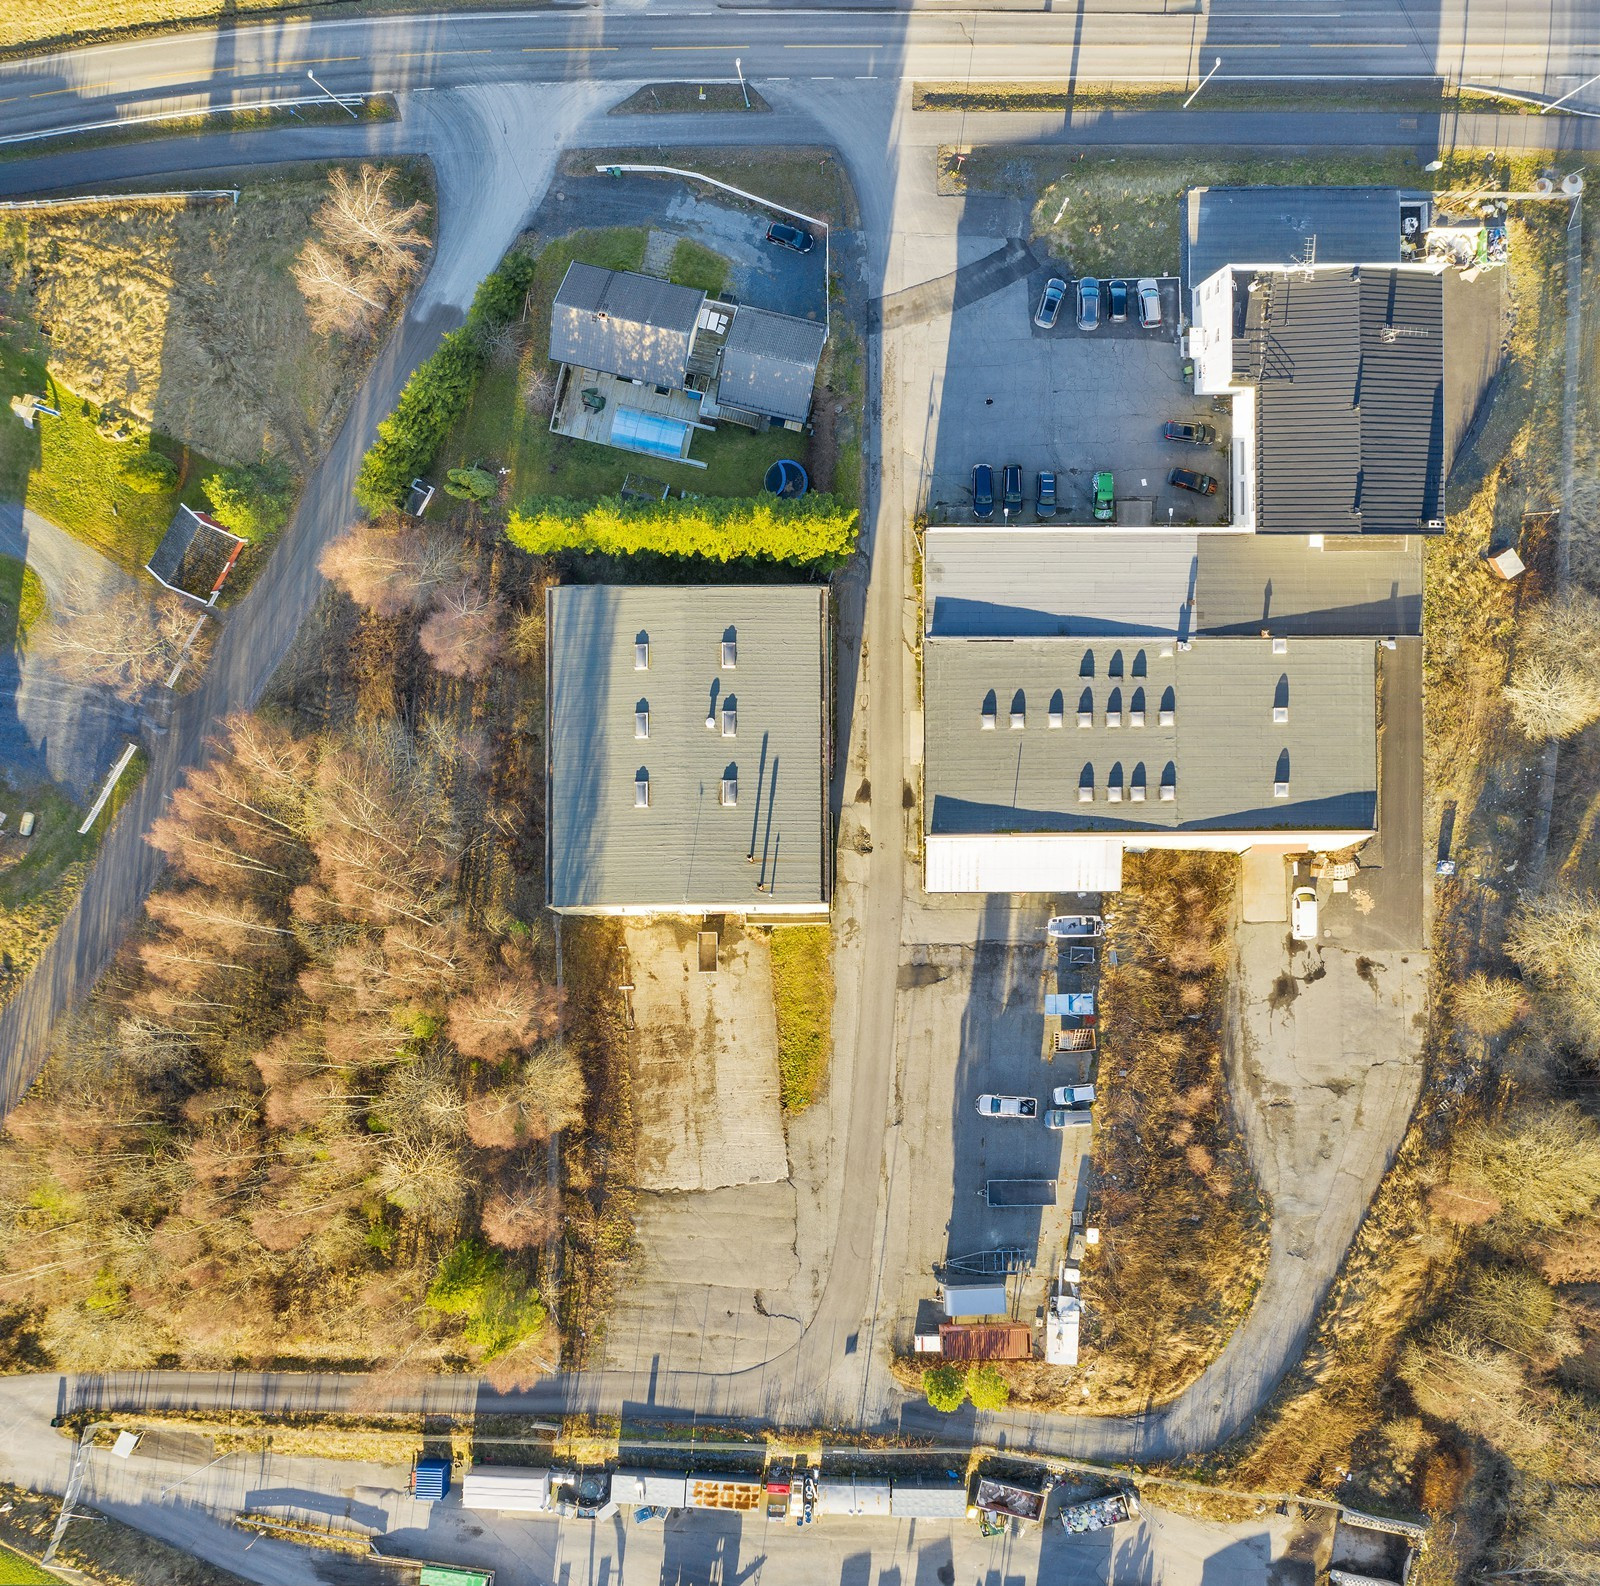 Tomt på ca. 14 821 kvm - Kombinasjonsbygg, lagerbygg, opparbeidet tomteareal samt ubebygget tomteareal